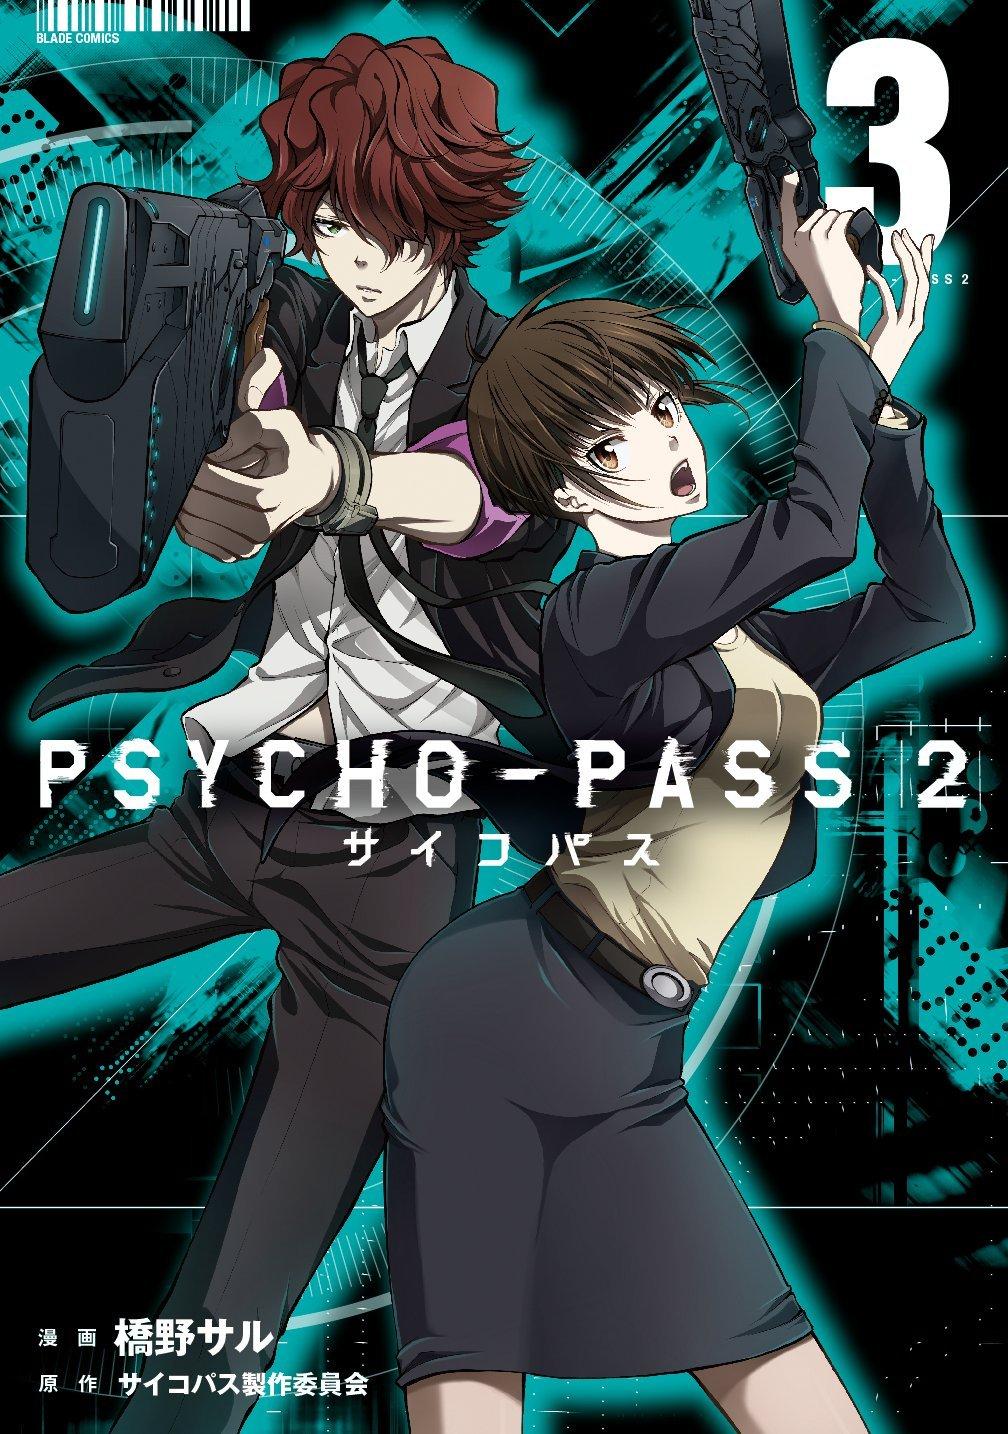 Psycho Pass サイコパス 2 3 Blade Comics 9784800005731 Amazoncom